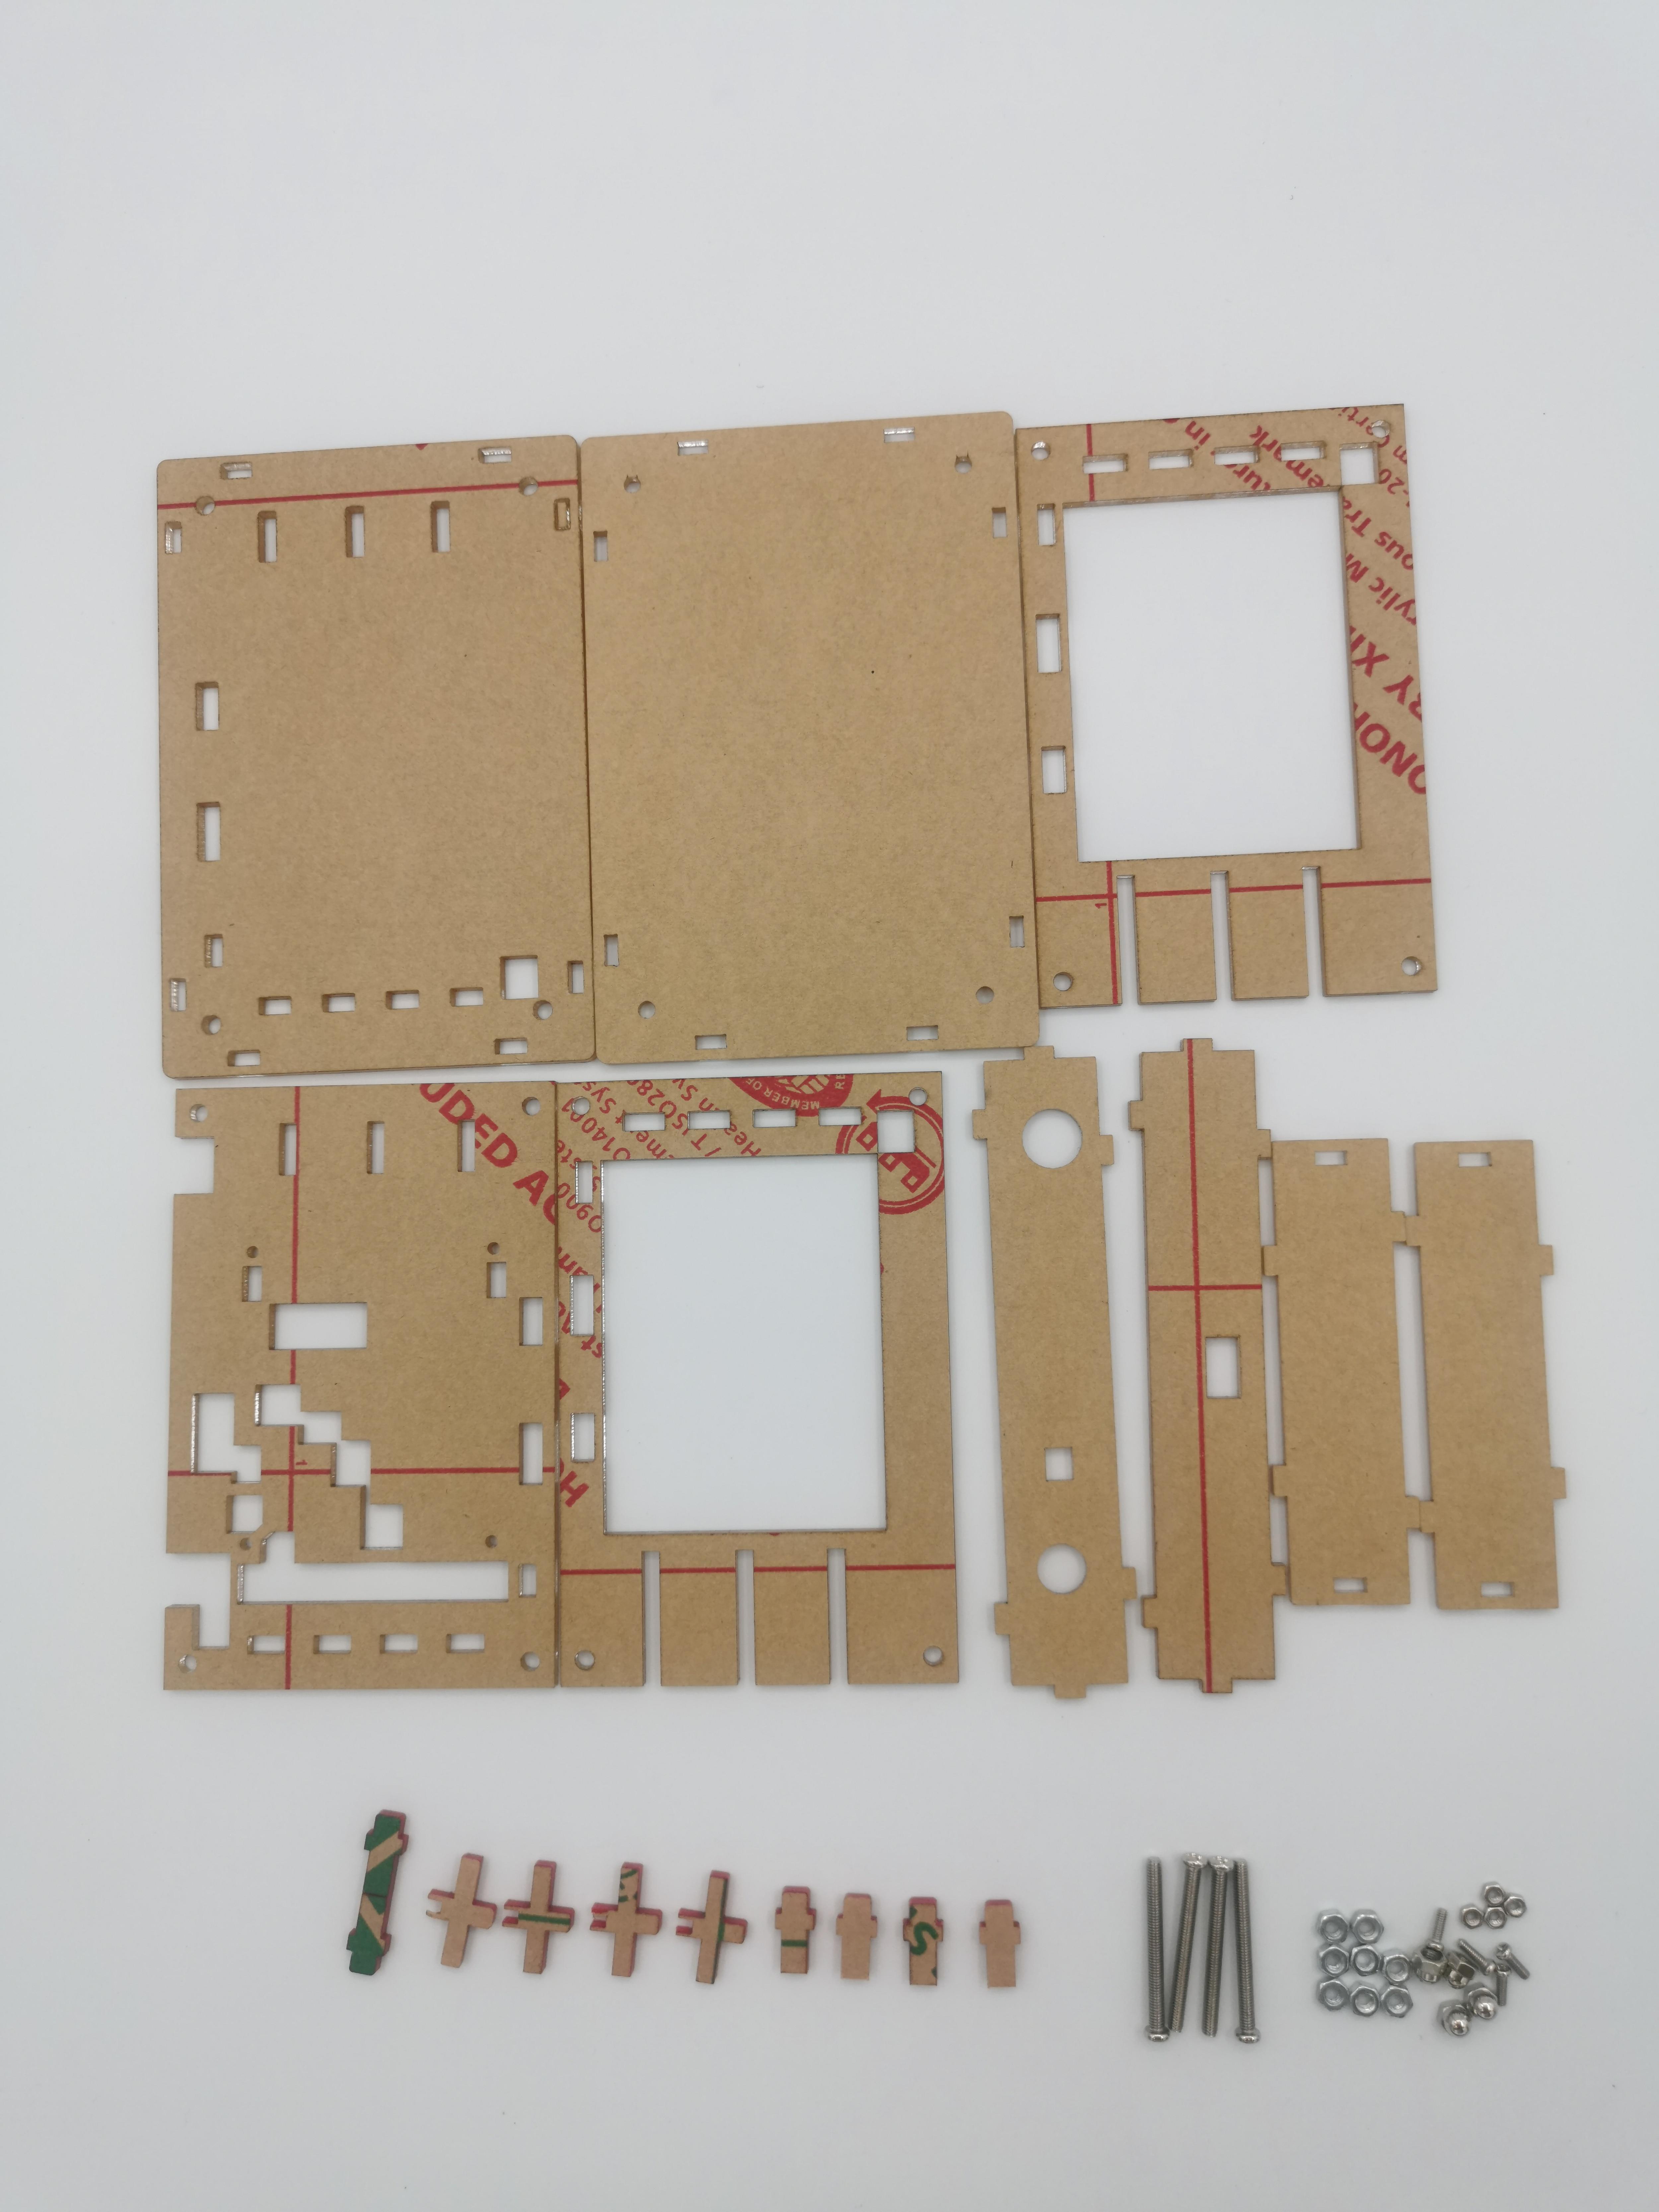 DSO138 цифровой осциллограф Набор DIY обучения карманный размер DSO138 обновление акриловый защитный чехол